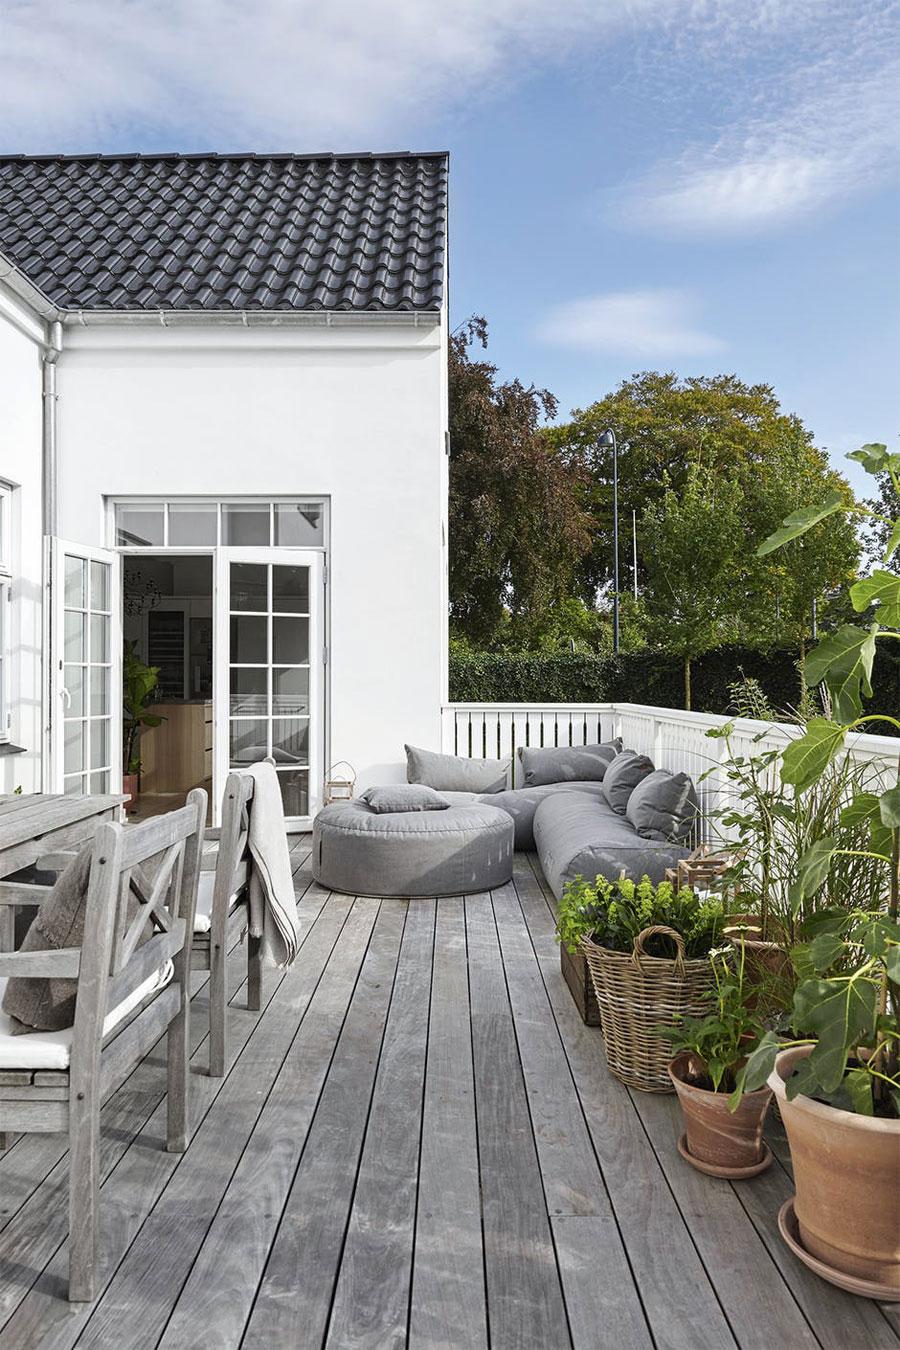 In deze tuin is een heerlijk veranda terras gecreëerd!